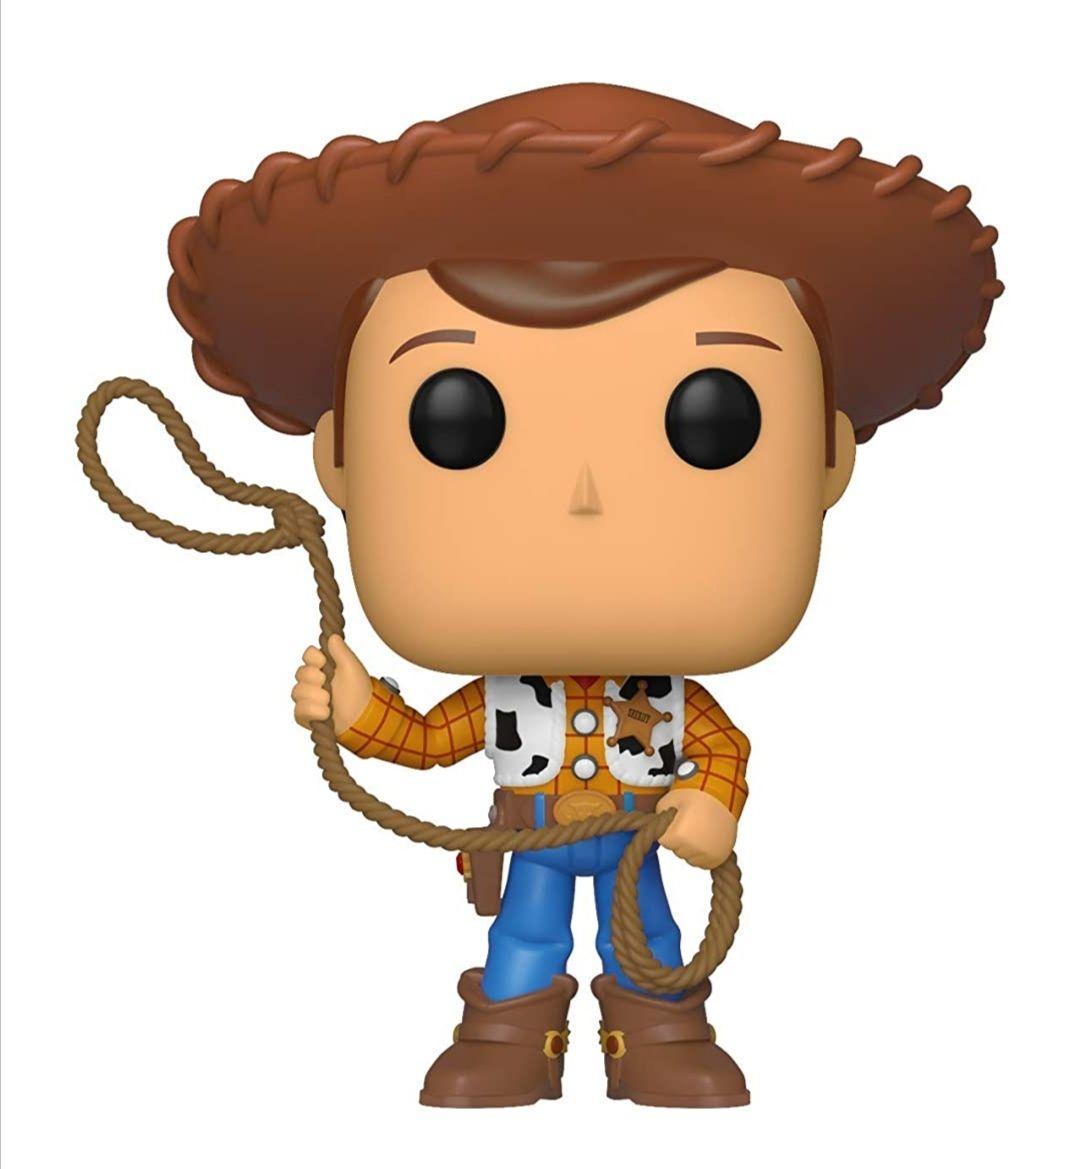 Funko pop Toy Story 4: Woody